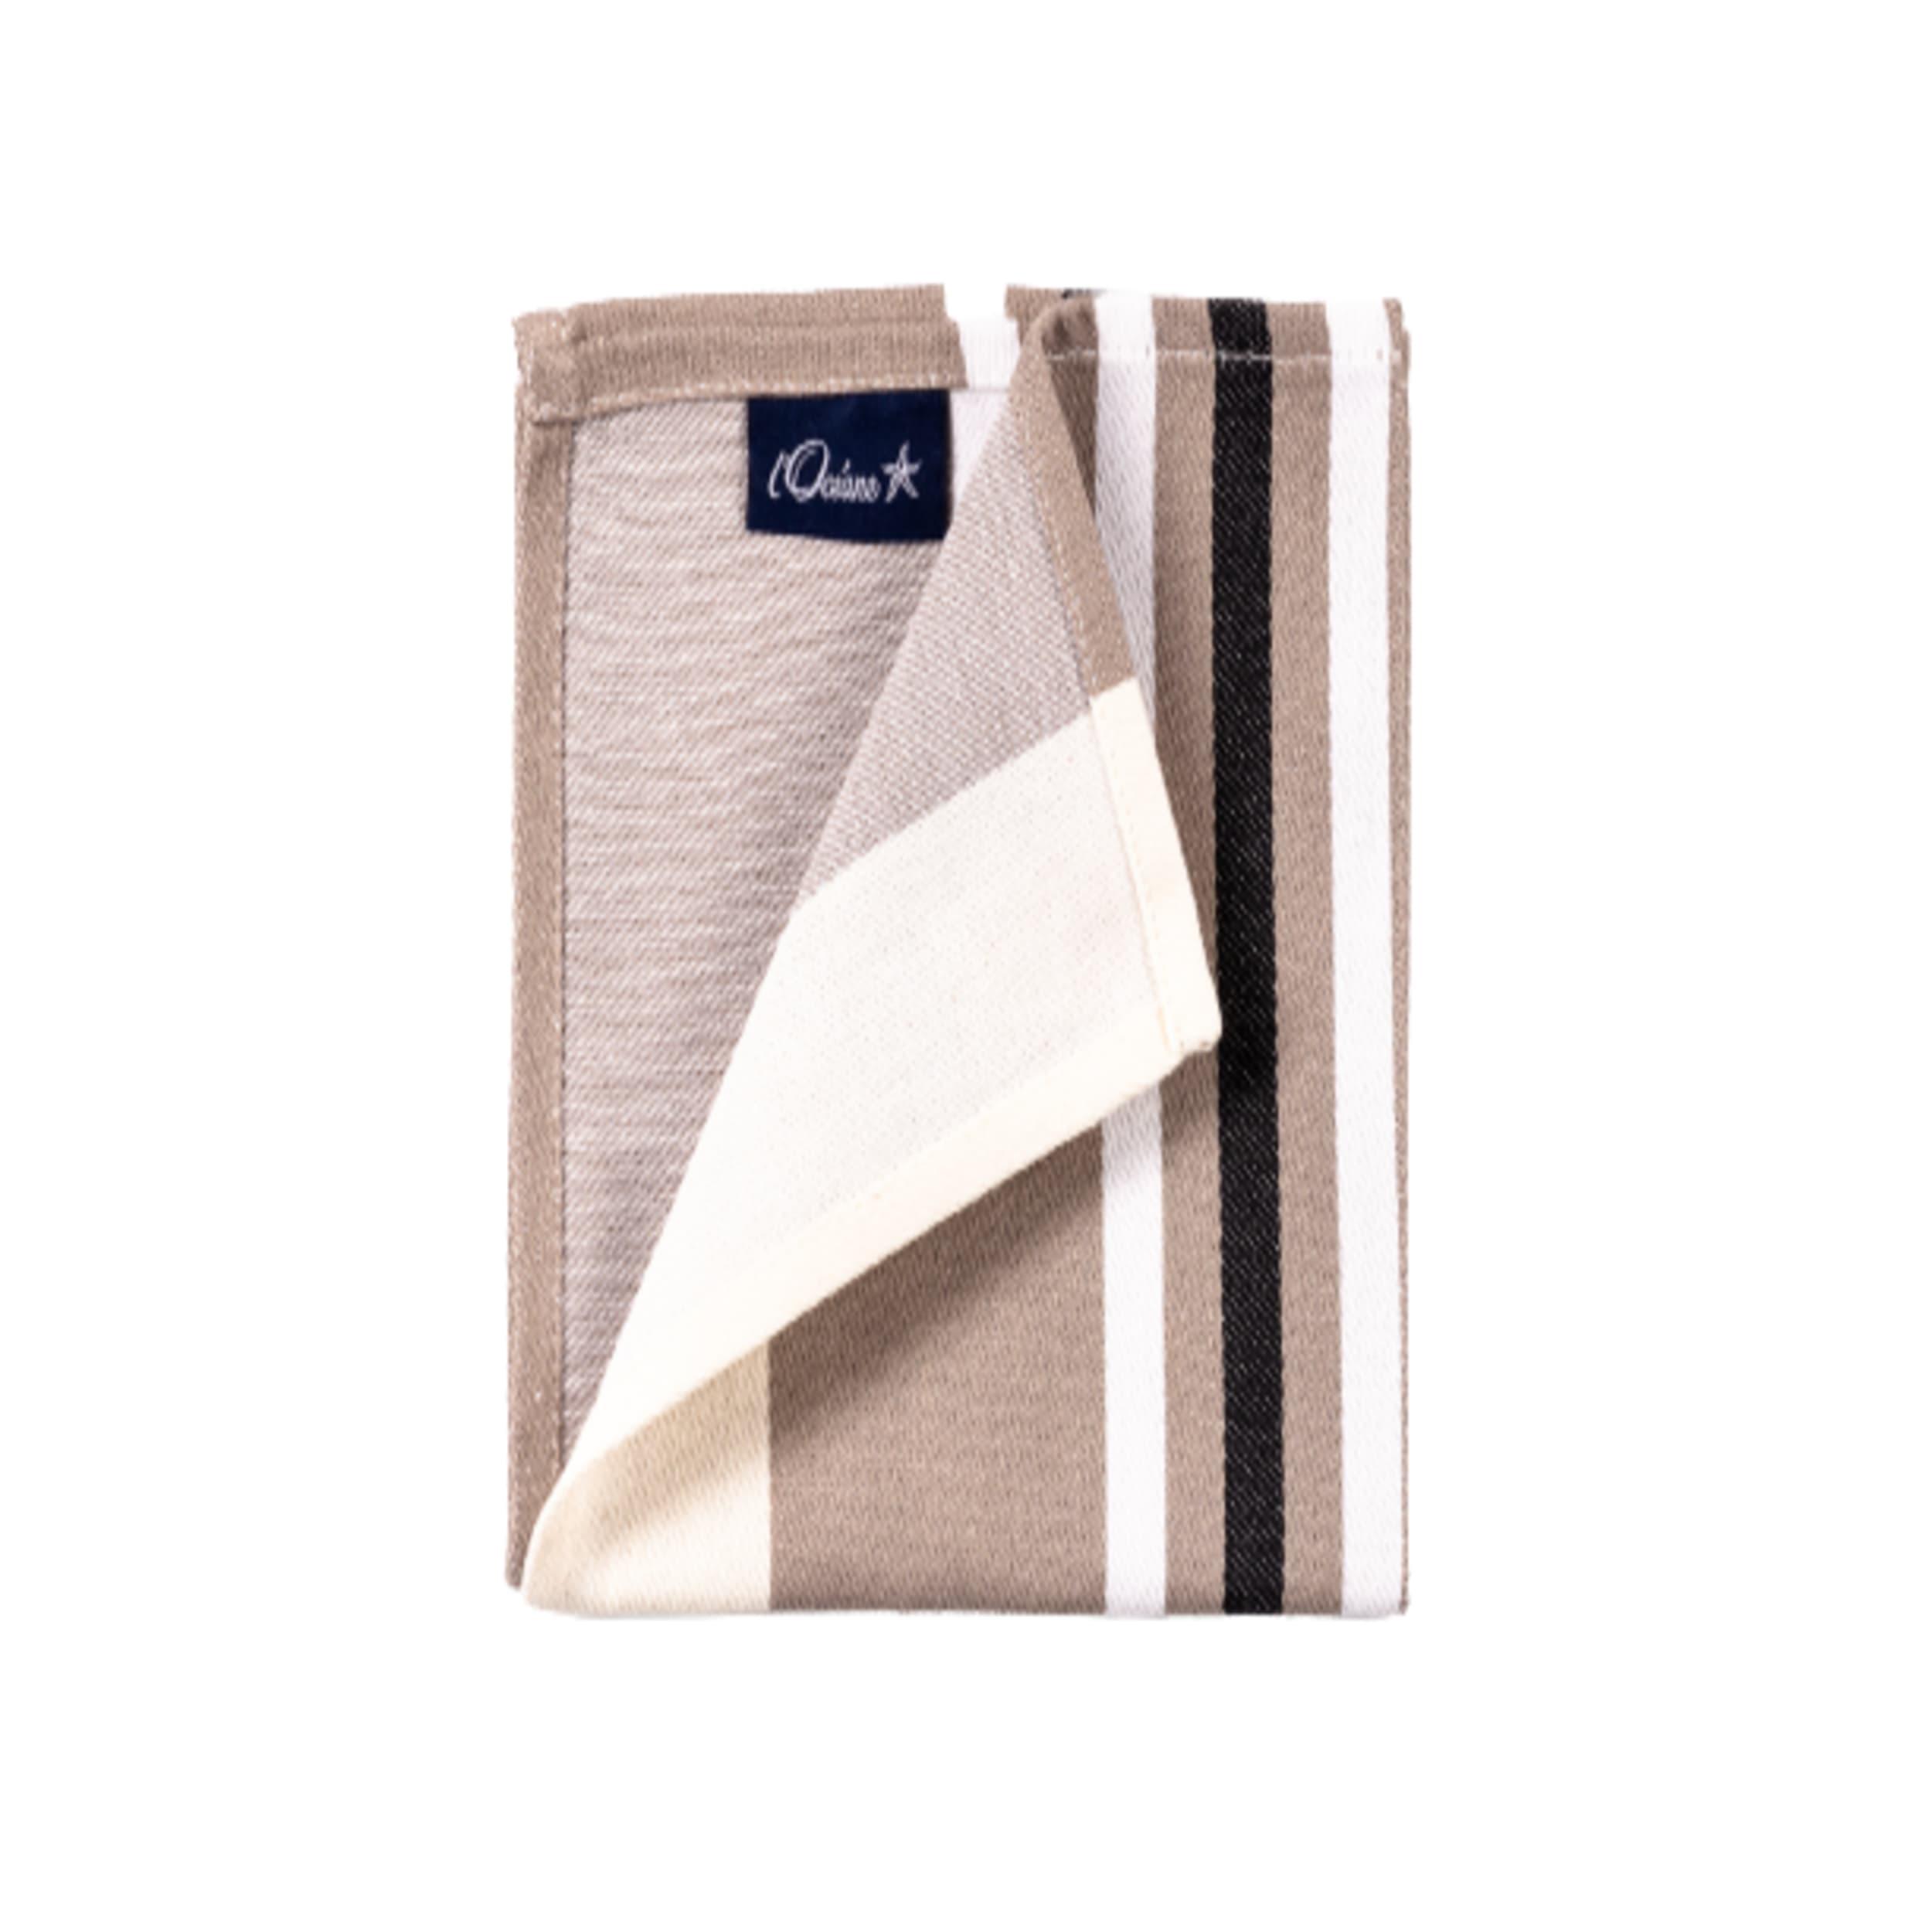 1 lot de 6 serviettes de table 100% coton de satin noir 50 x 50 cm